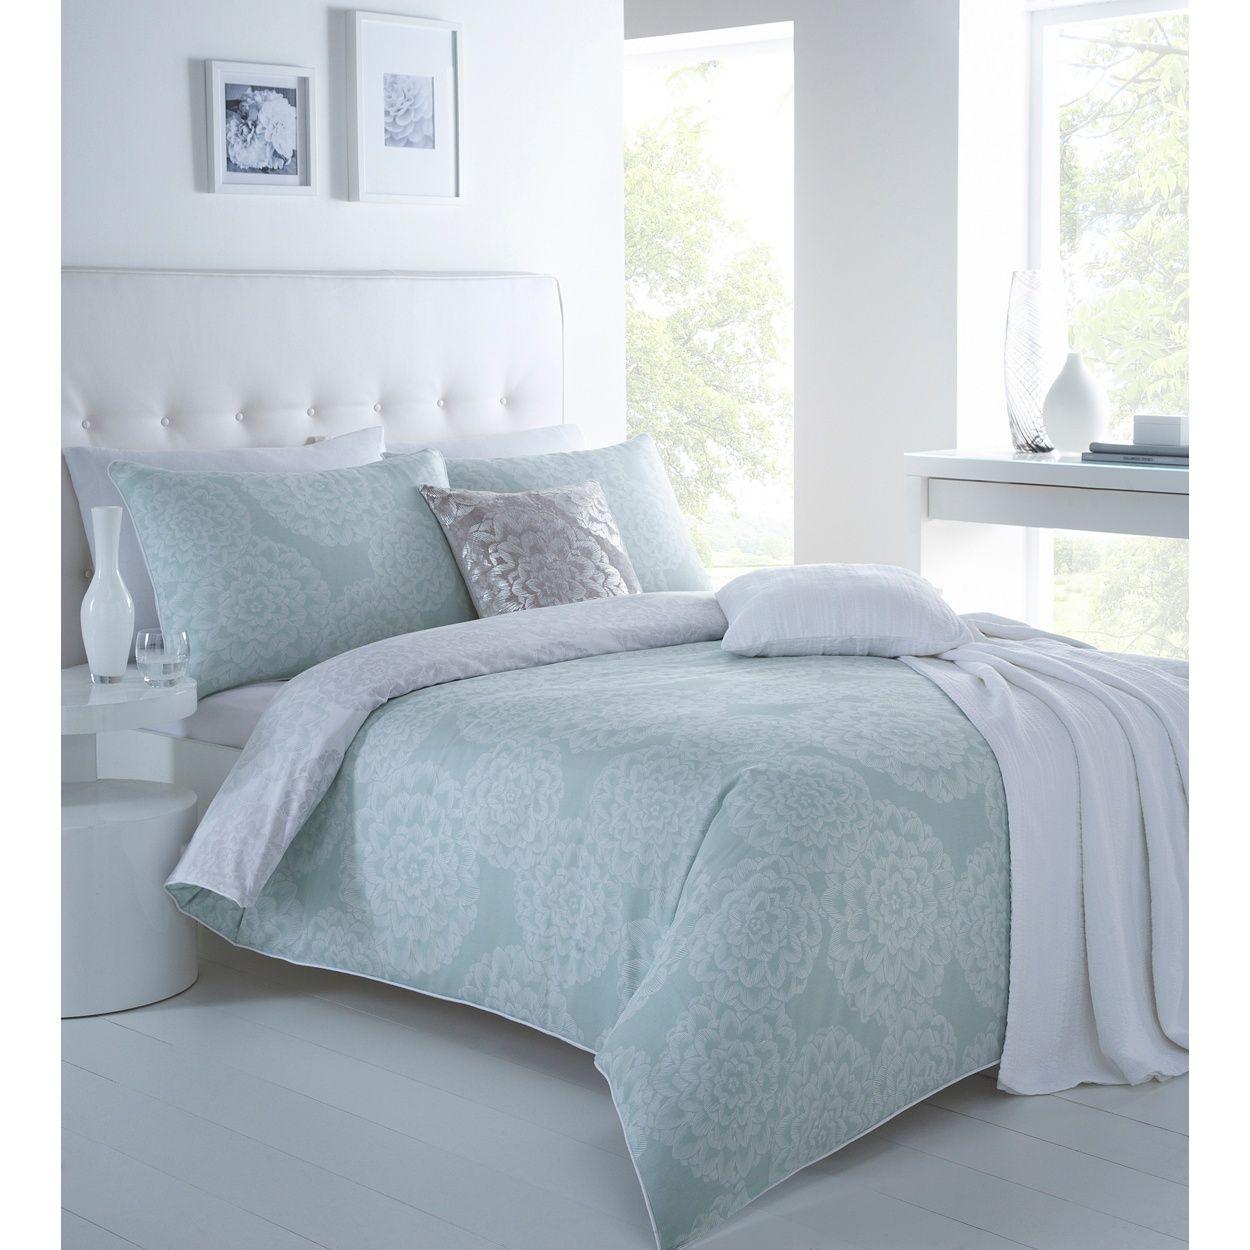 Black Designer aqua  Dahlia  bedding set  at Debenhams Mobile. Betty Jackson Black Designer aqua  Dahlia  bedding set